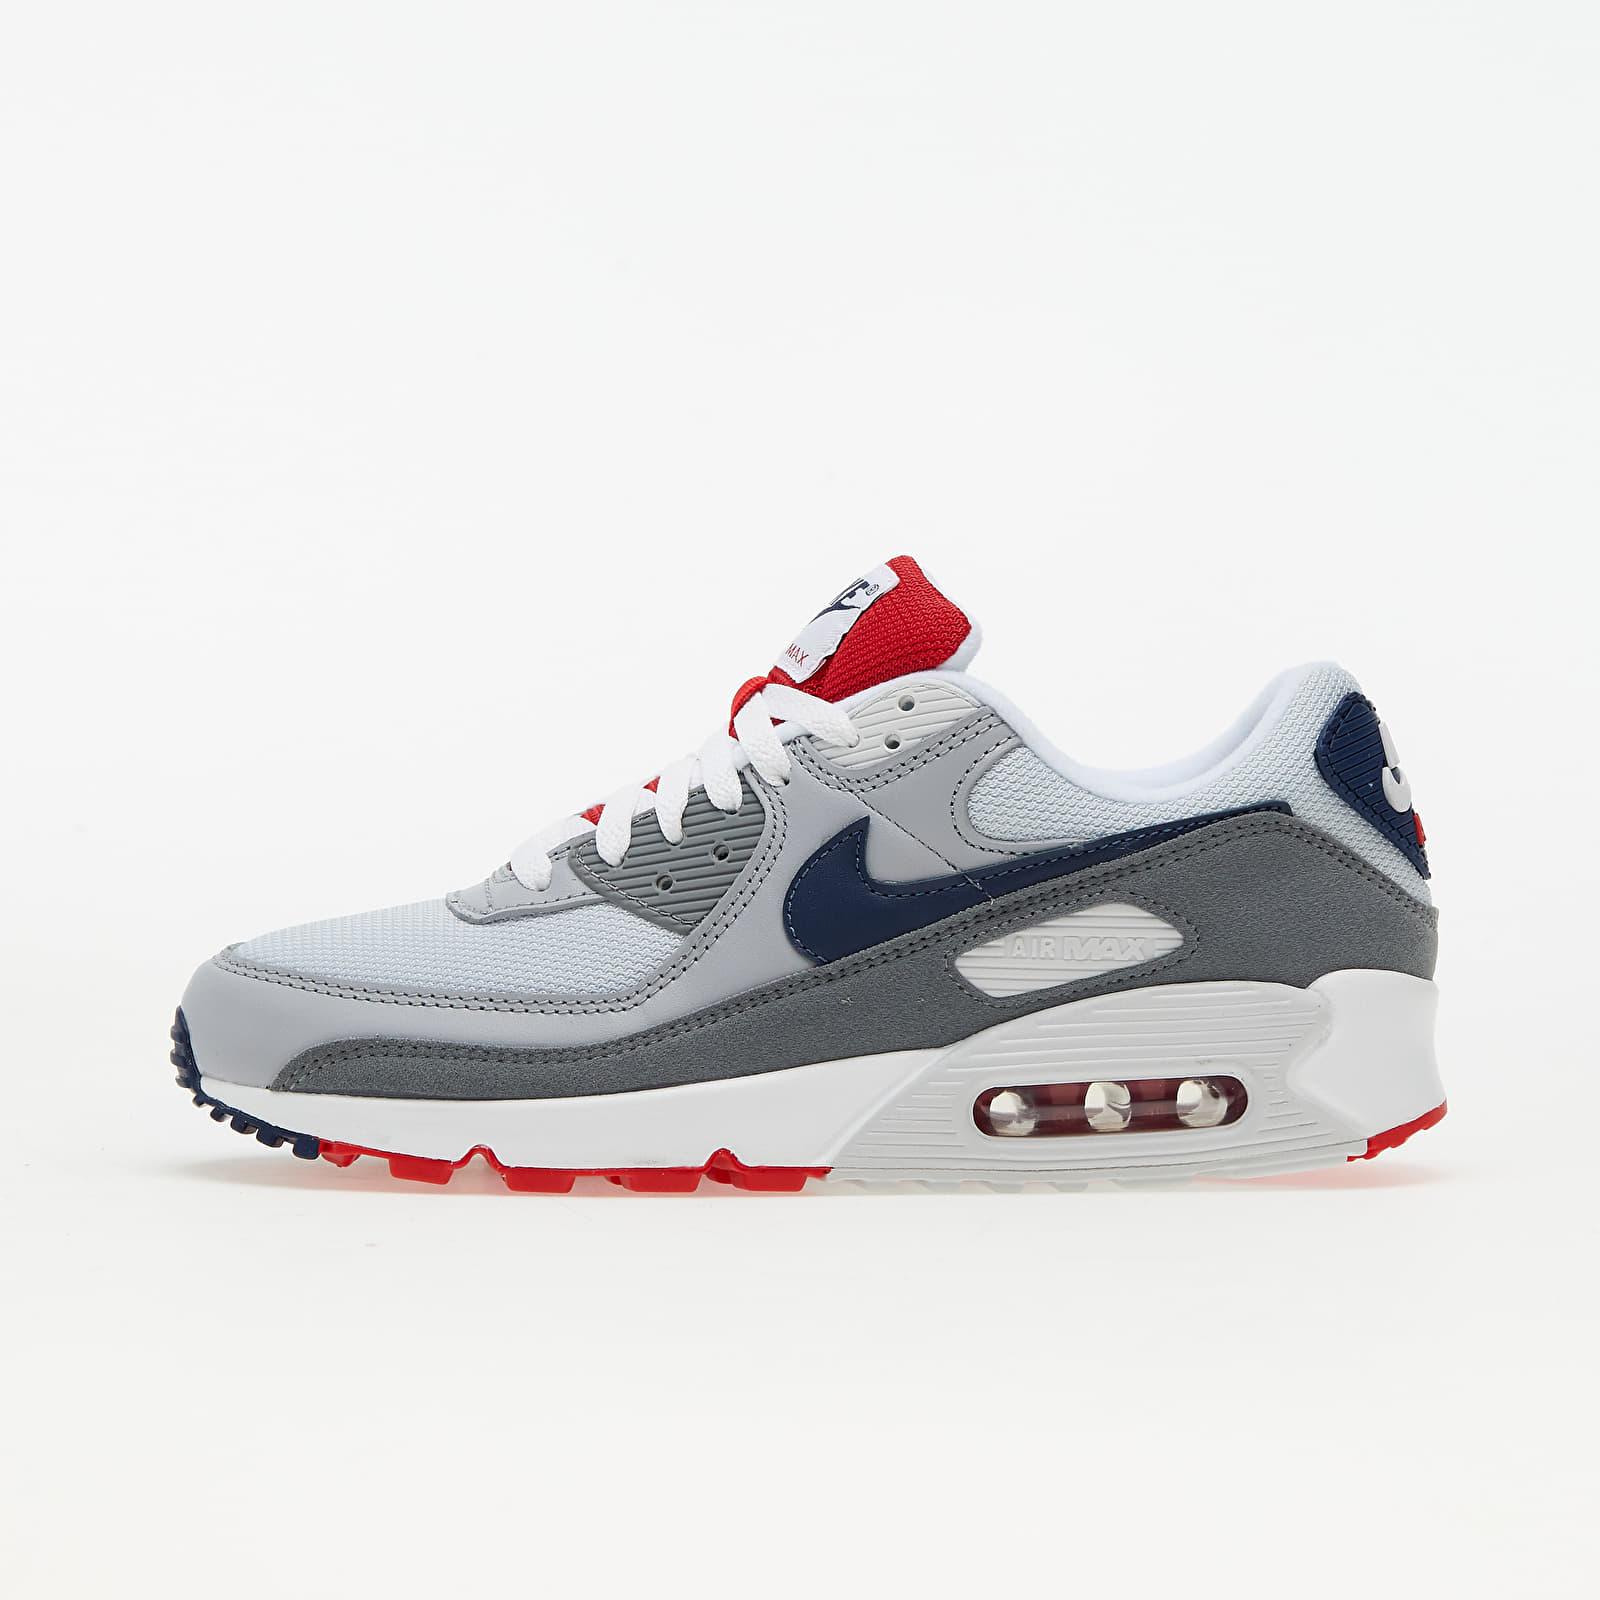 Nike Air Max 90 Pure Platinum/ Midnight Navy-Wolf Grey | Footshop